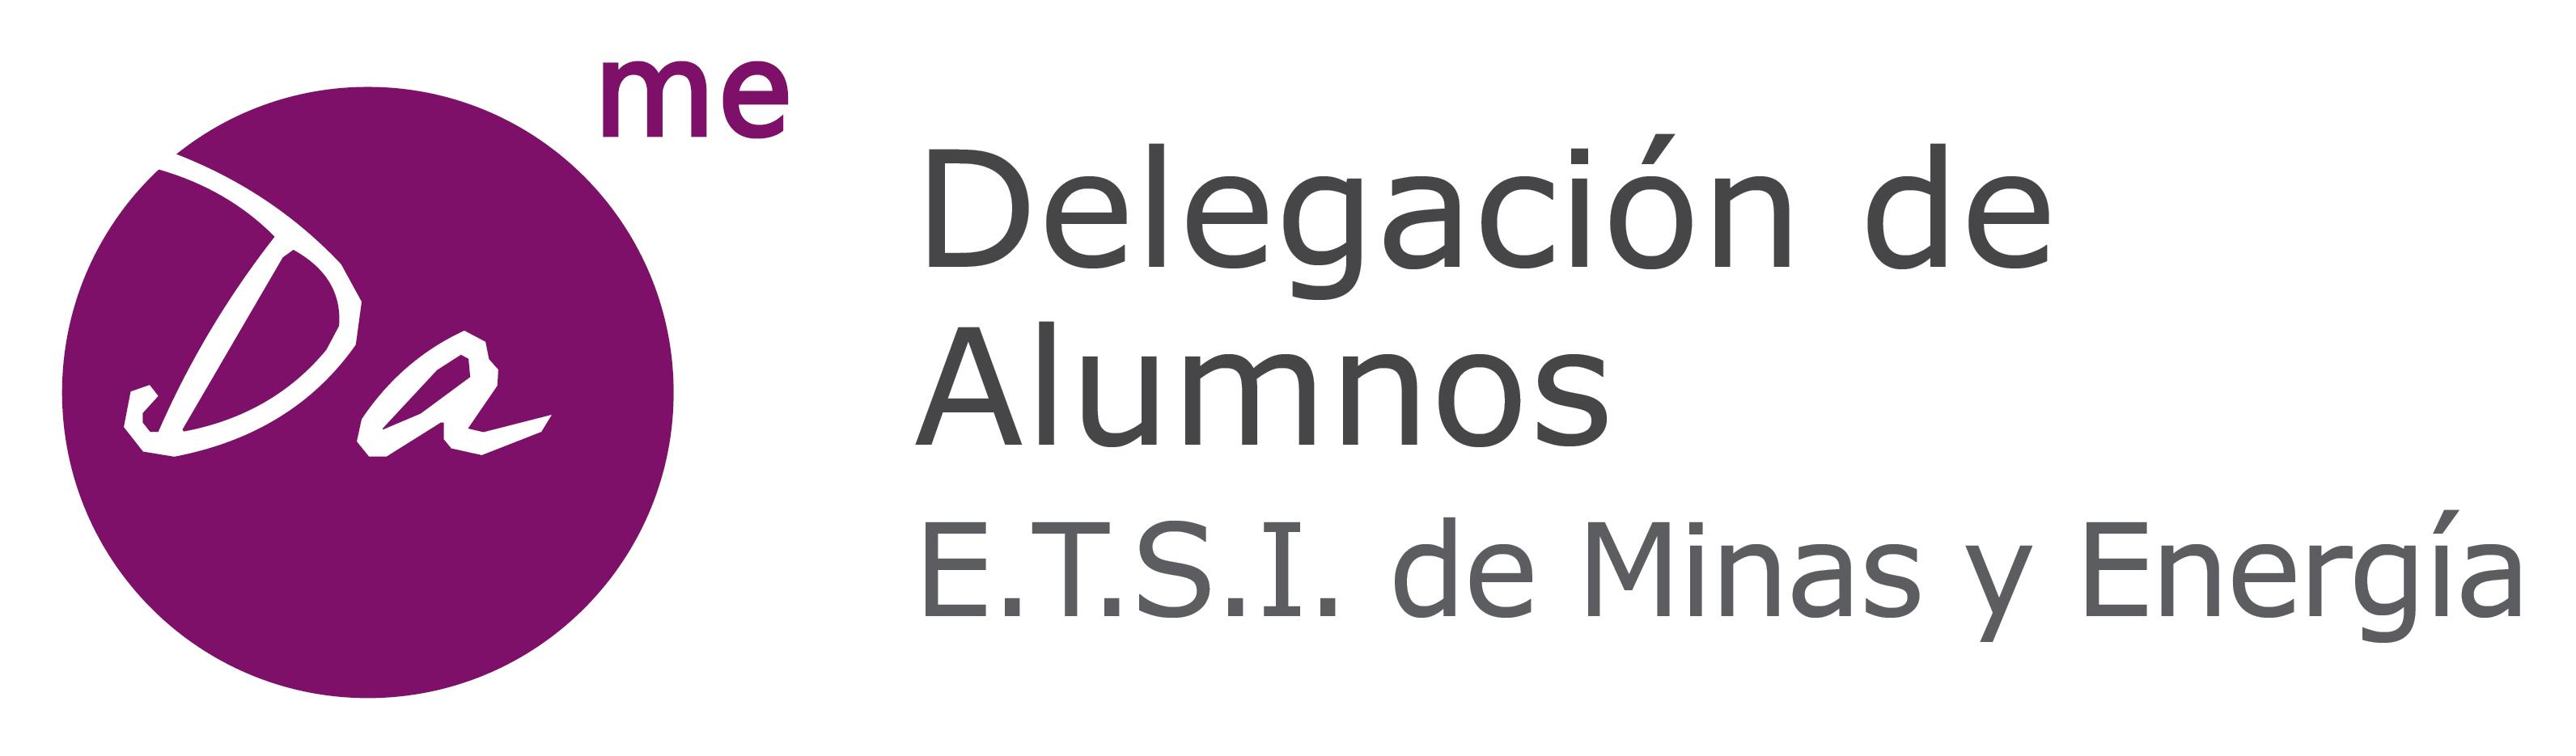 Delegación Alumnos ETSIME